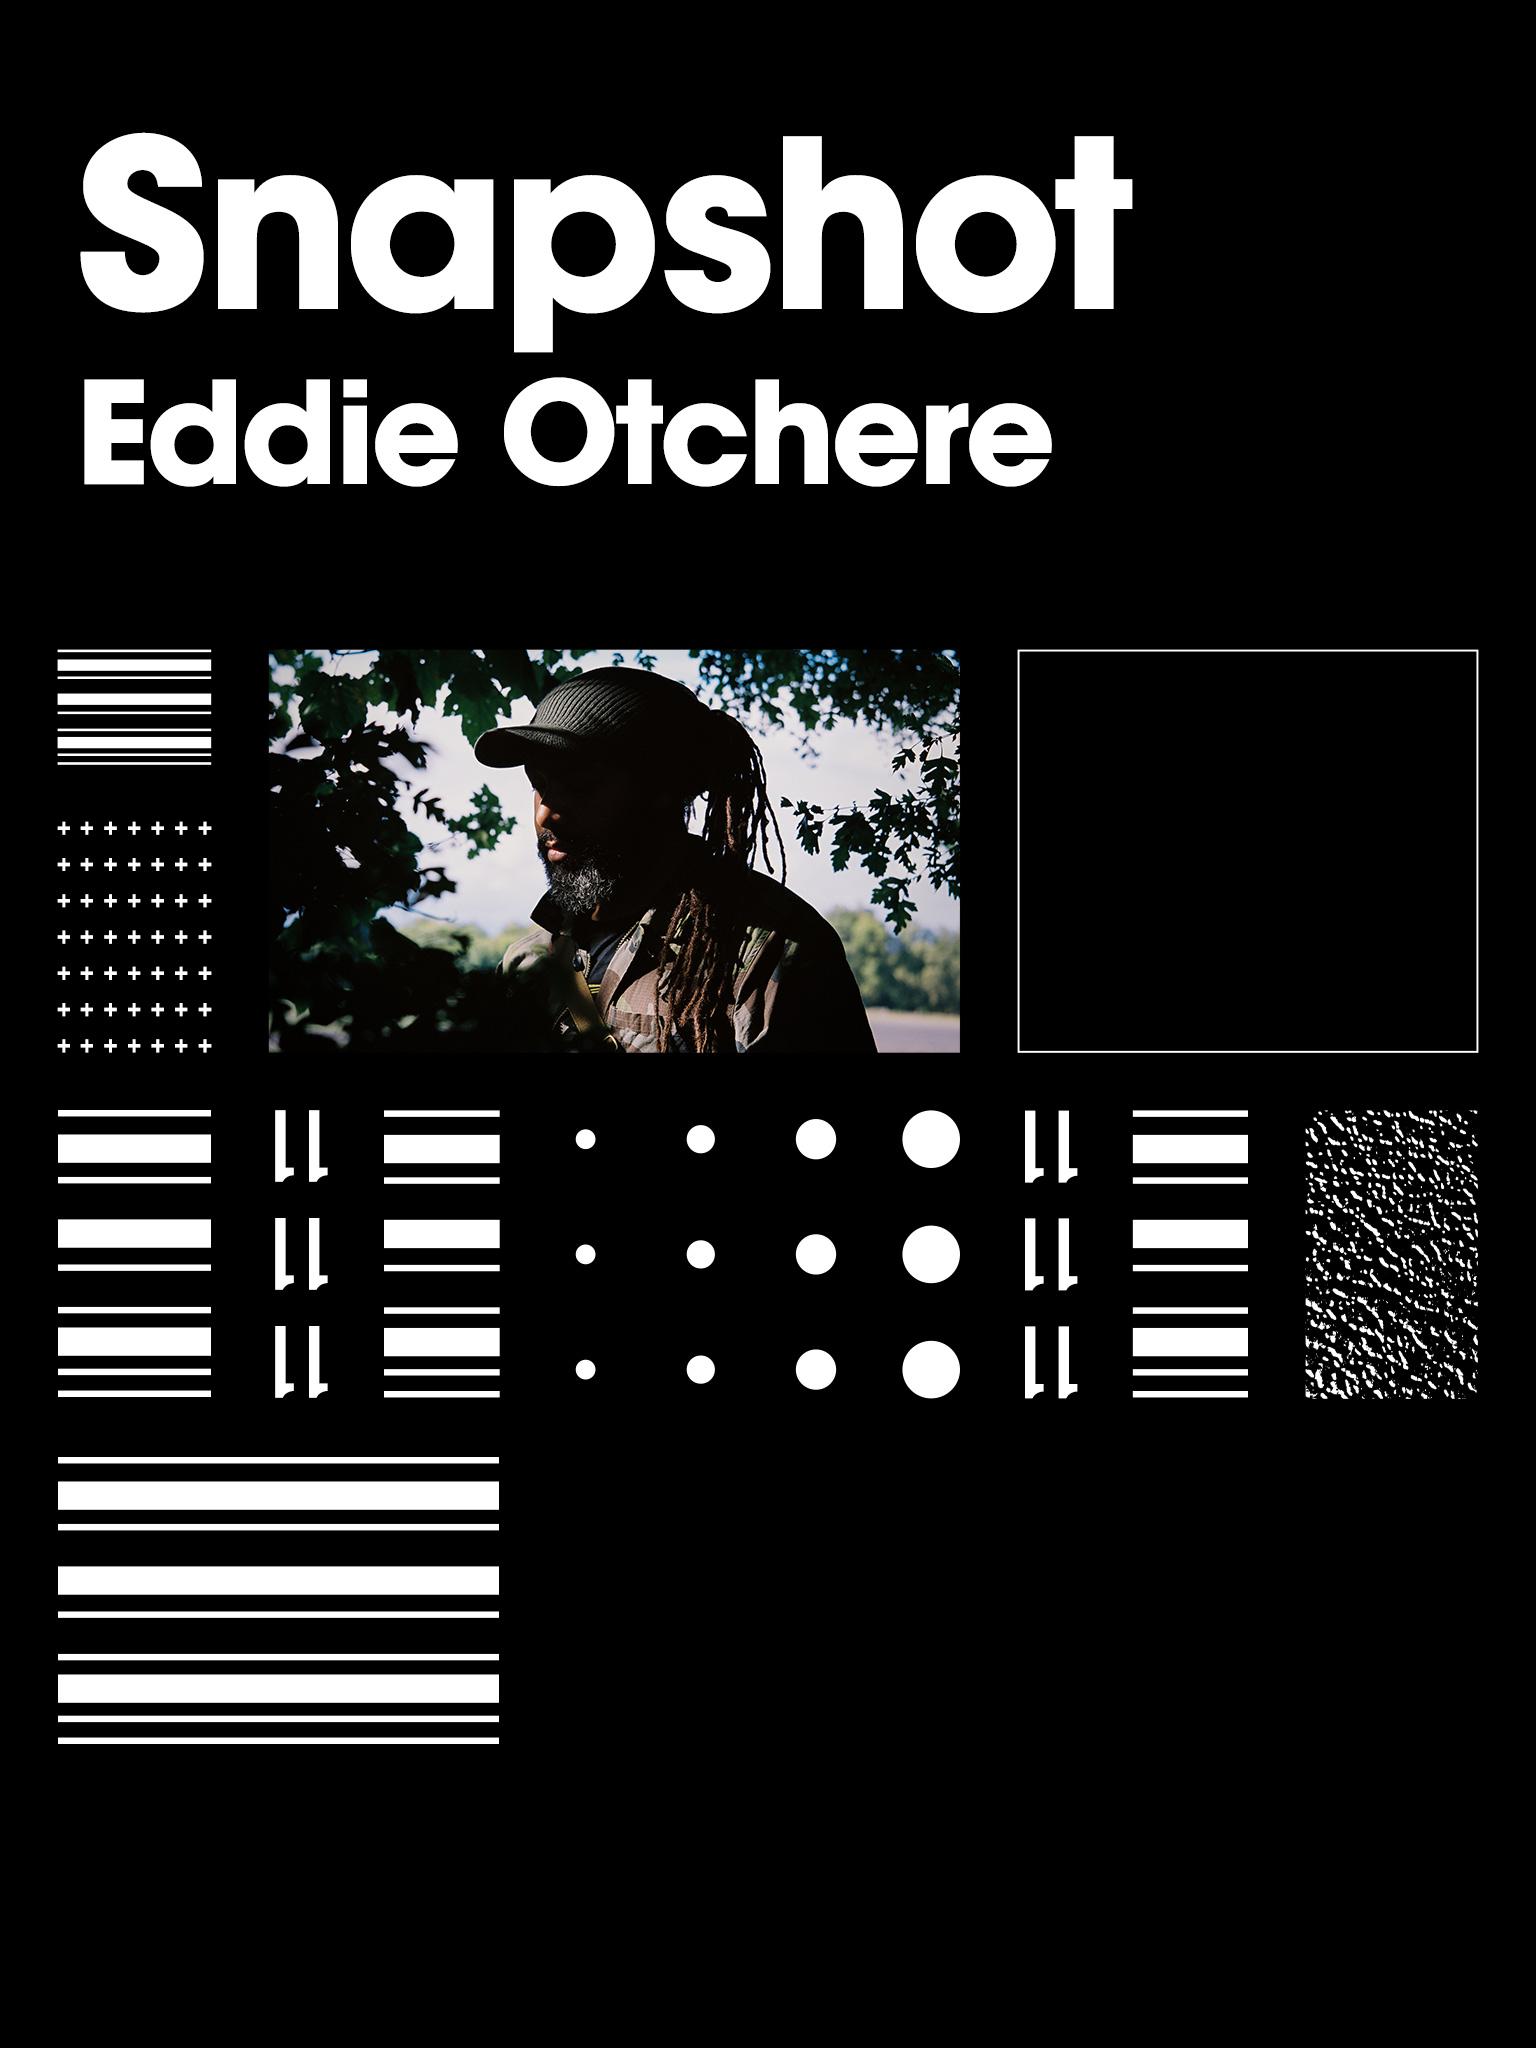 Snapshot: Eddie Otchere